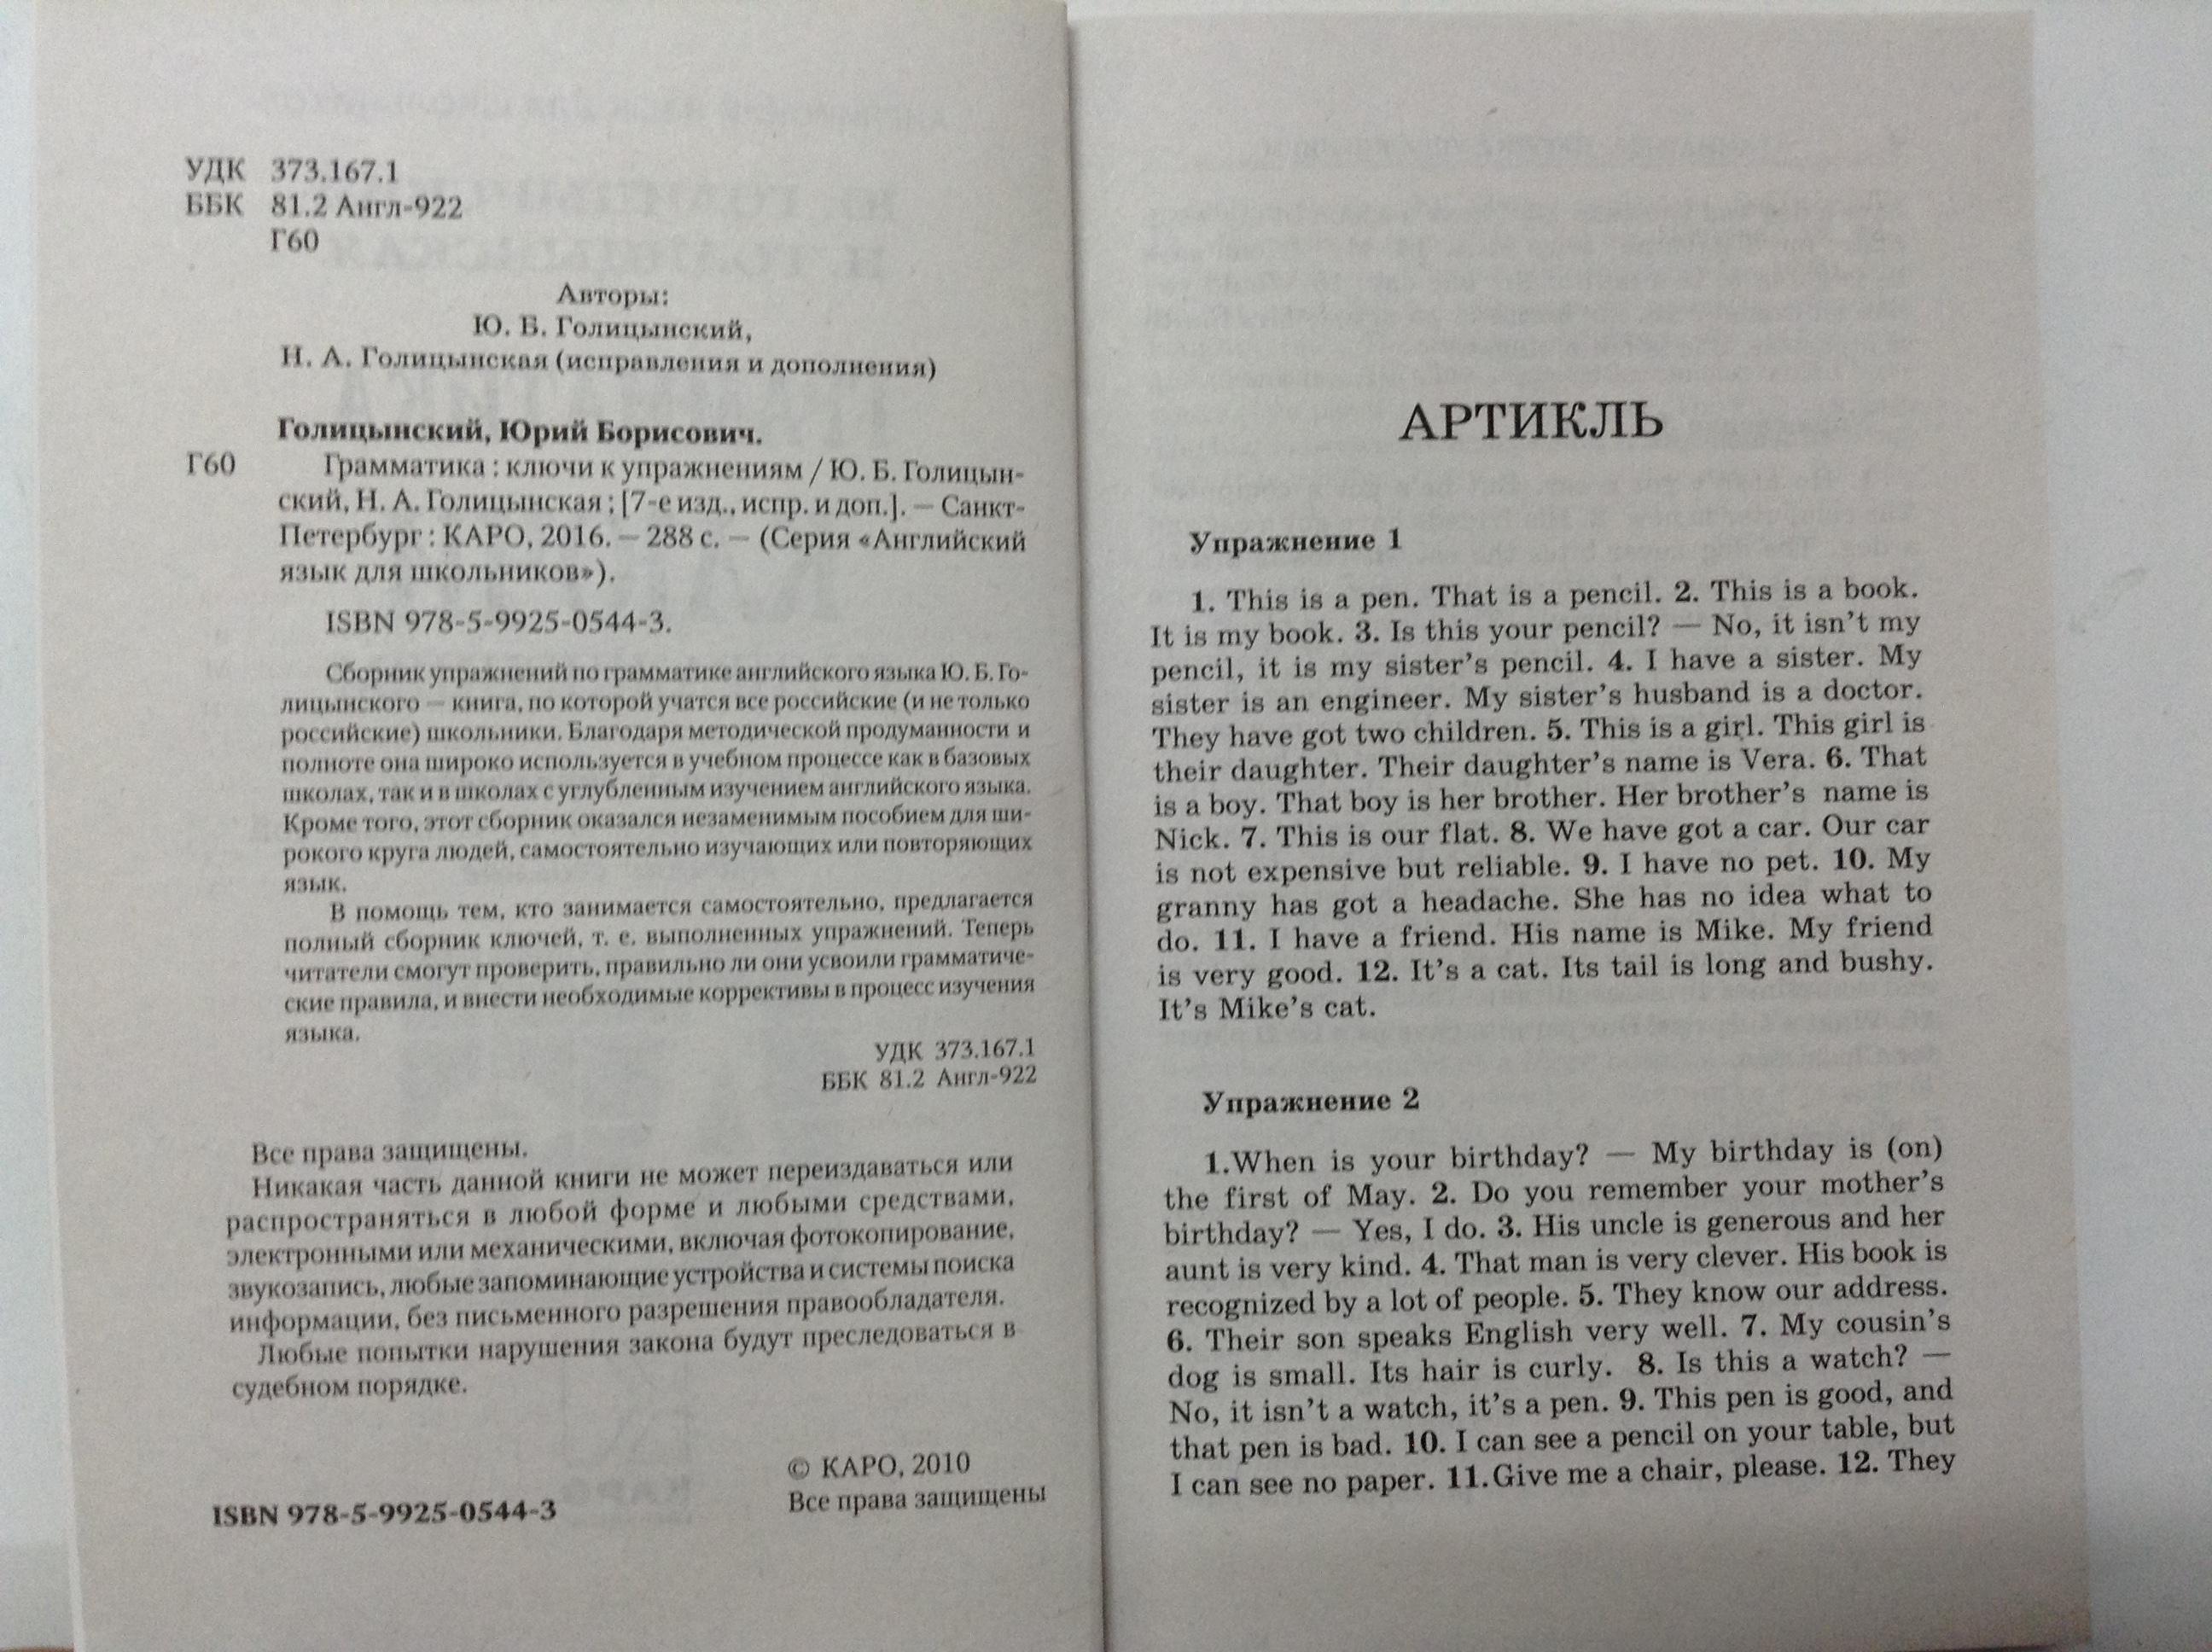 голицынский ключи 3-е издание